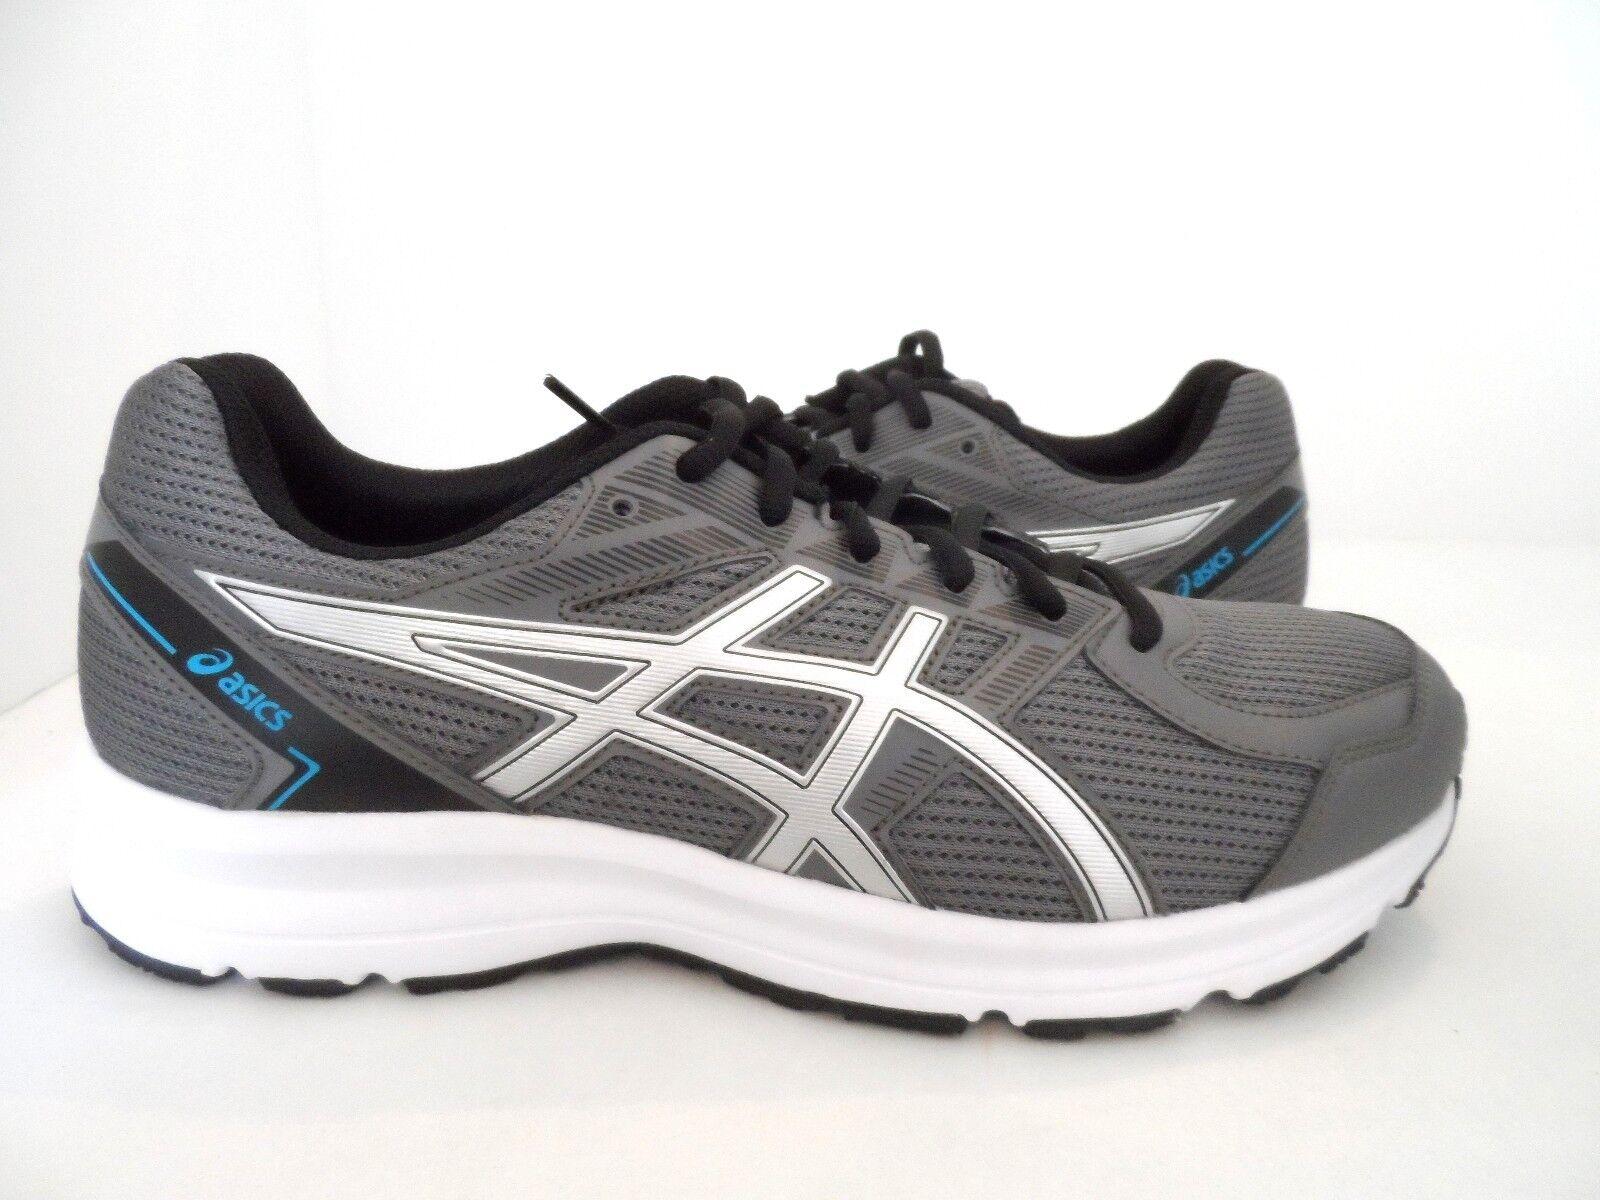 le scarpe da corsa uomini scossa carbonio / argento island / island argento blue dimensioni 9.5 4e 64618b